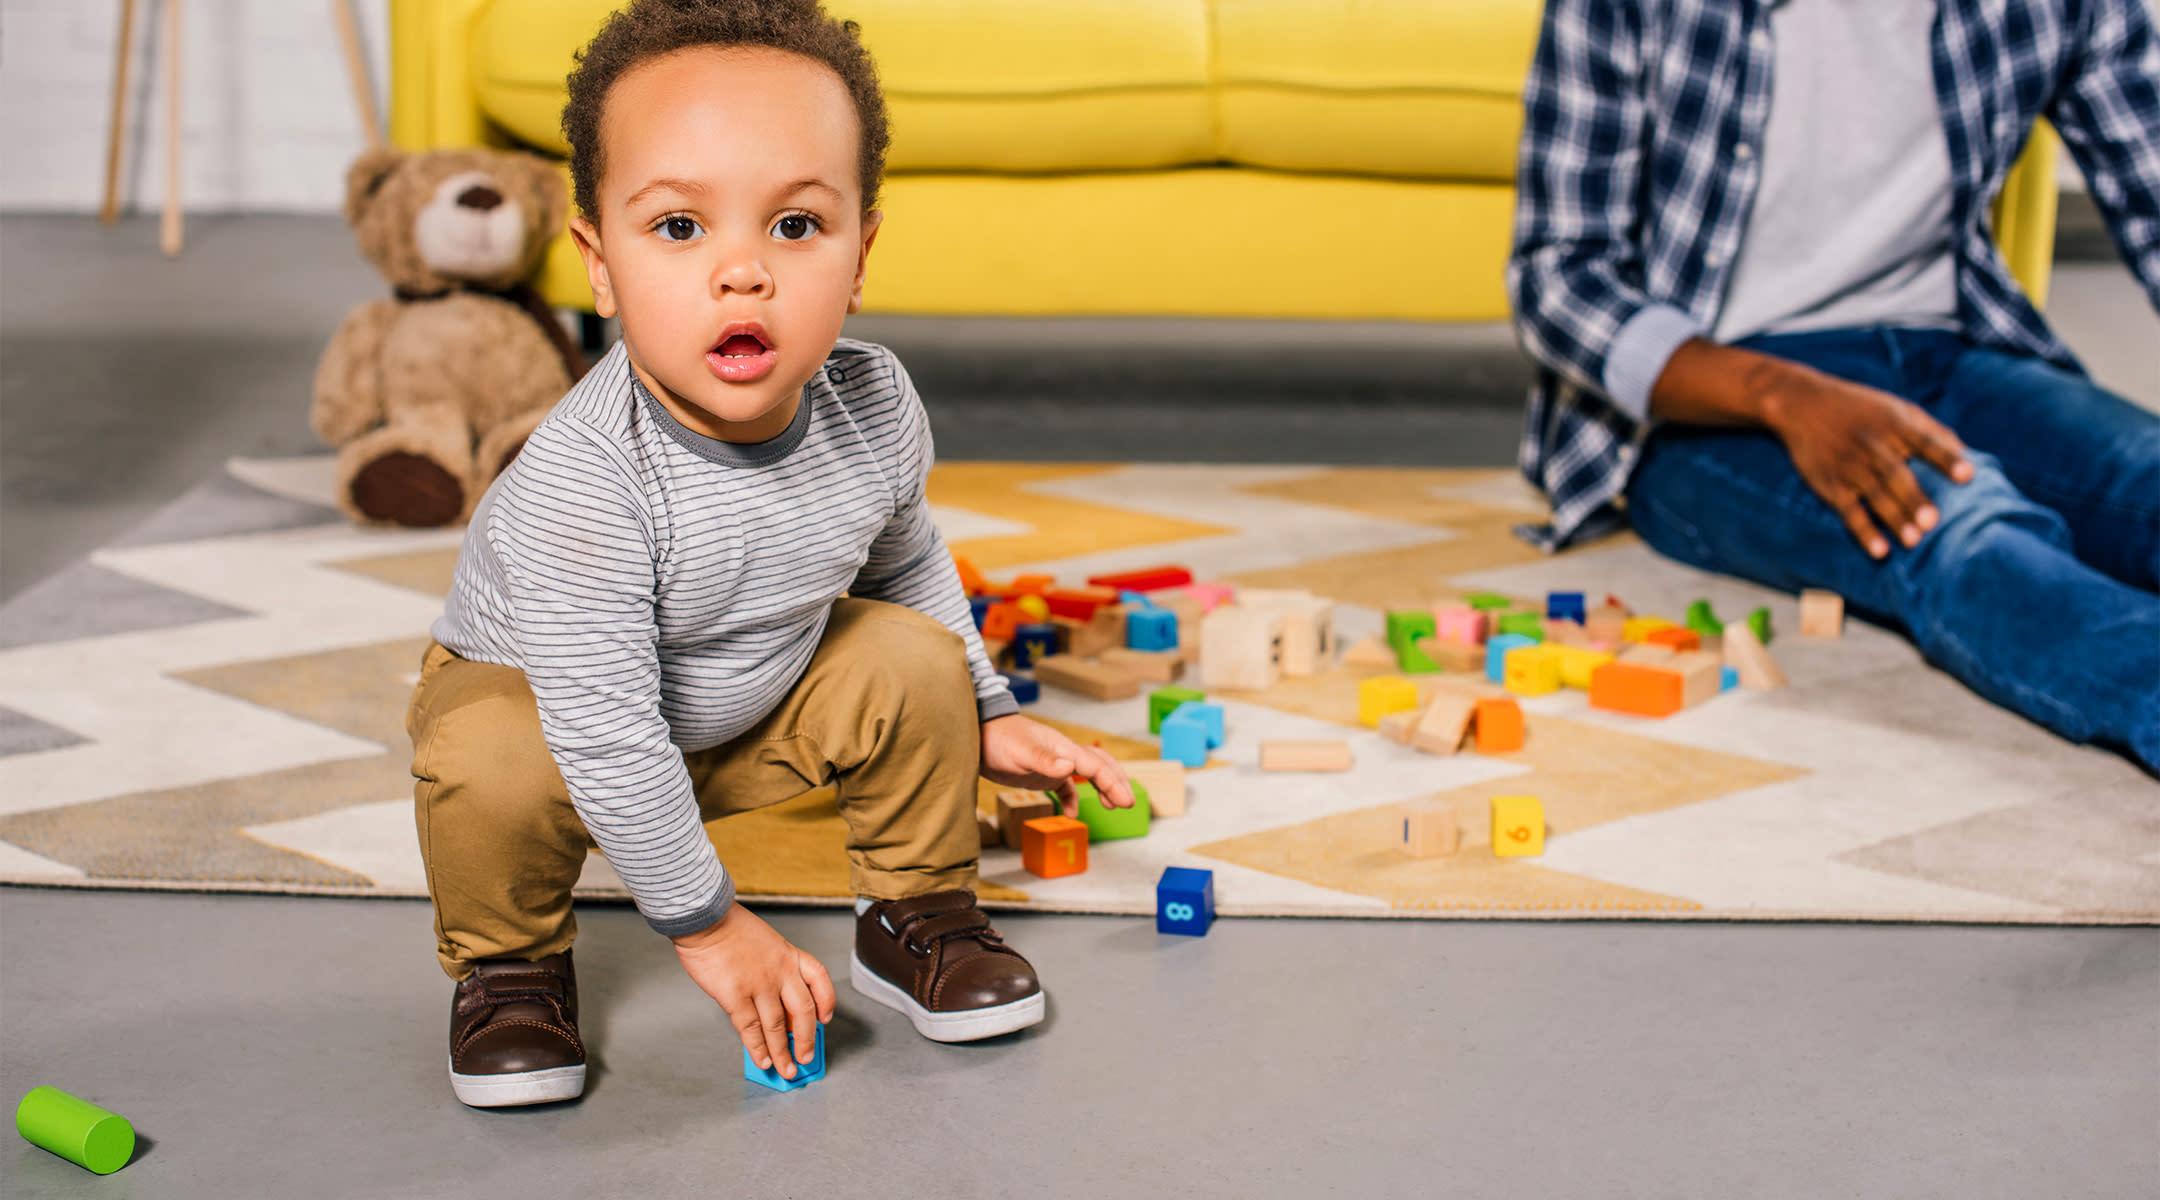 preschool age children who watch too much tv sleep worse